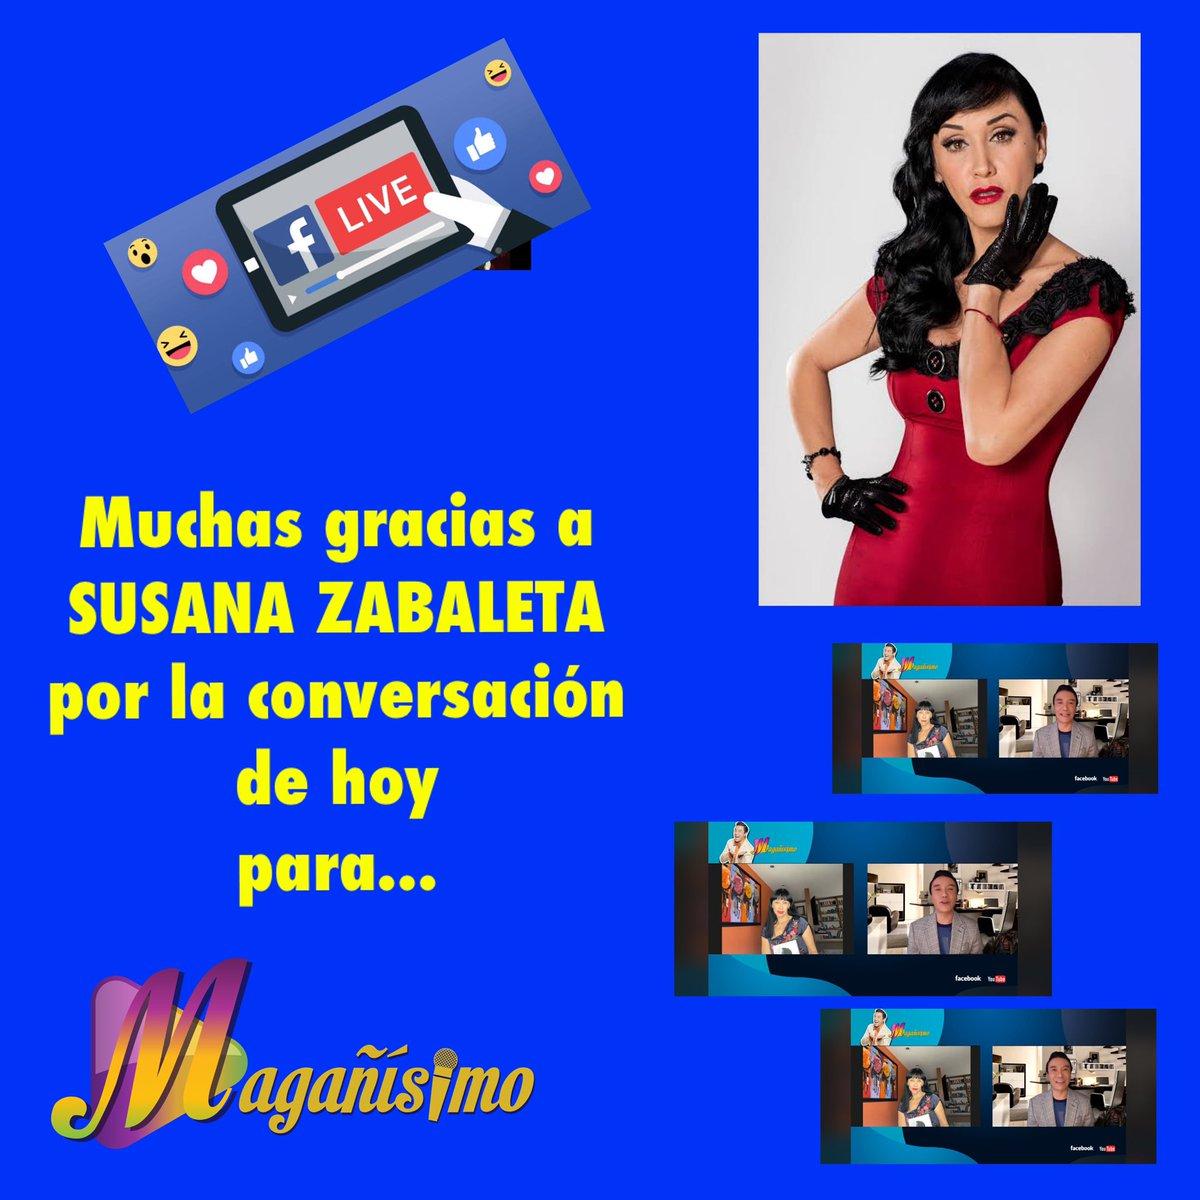 ❤️🖥 Muchas gracias a @SusanaZabaleta , por la conversación de hoy, en vivo de hoy, por Facebook en #magañisimo ❤️    🖥 #lovemyjob #happiness #journalist #people #happy #person #smile #pretty #man #portrait #star #smiling #happiness #confident